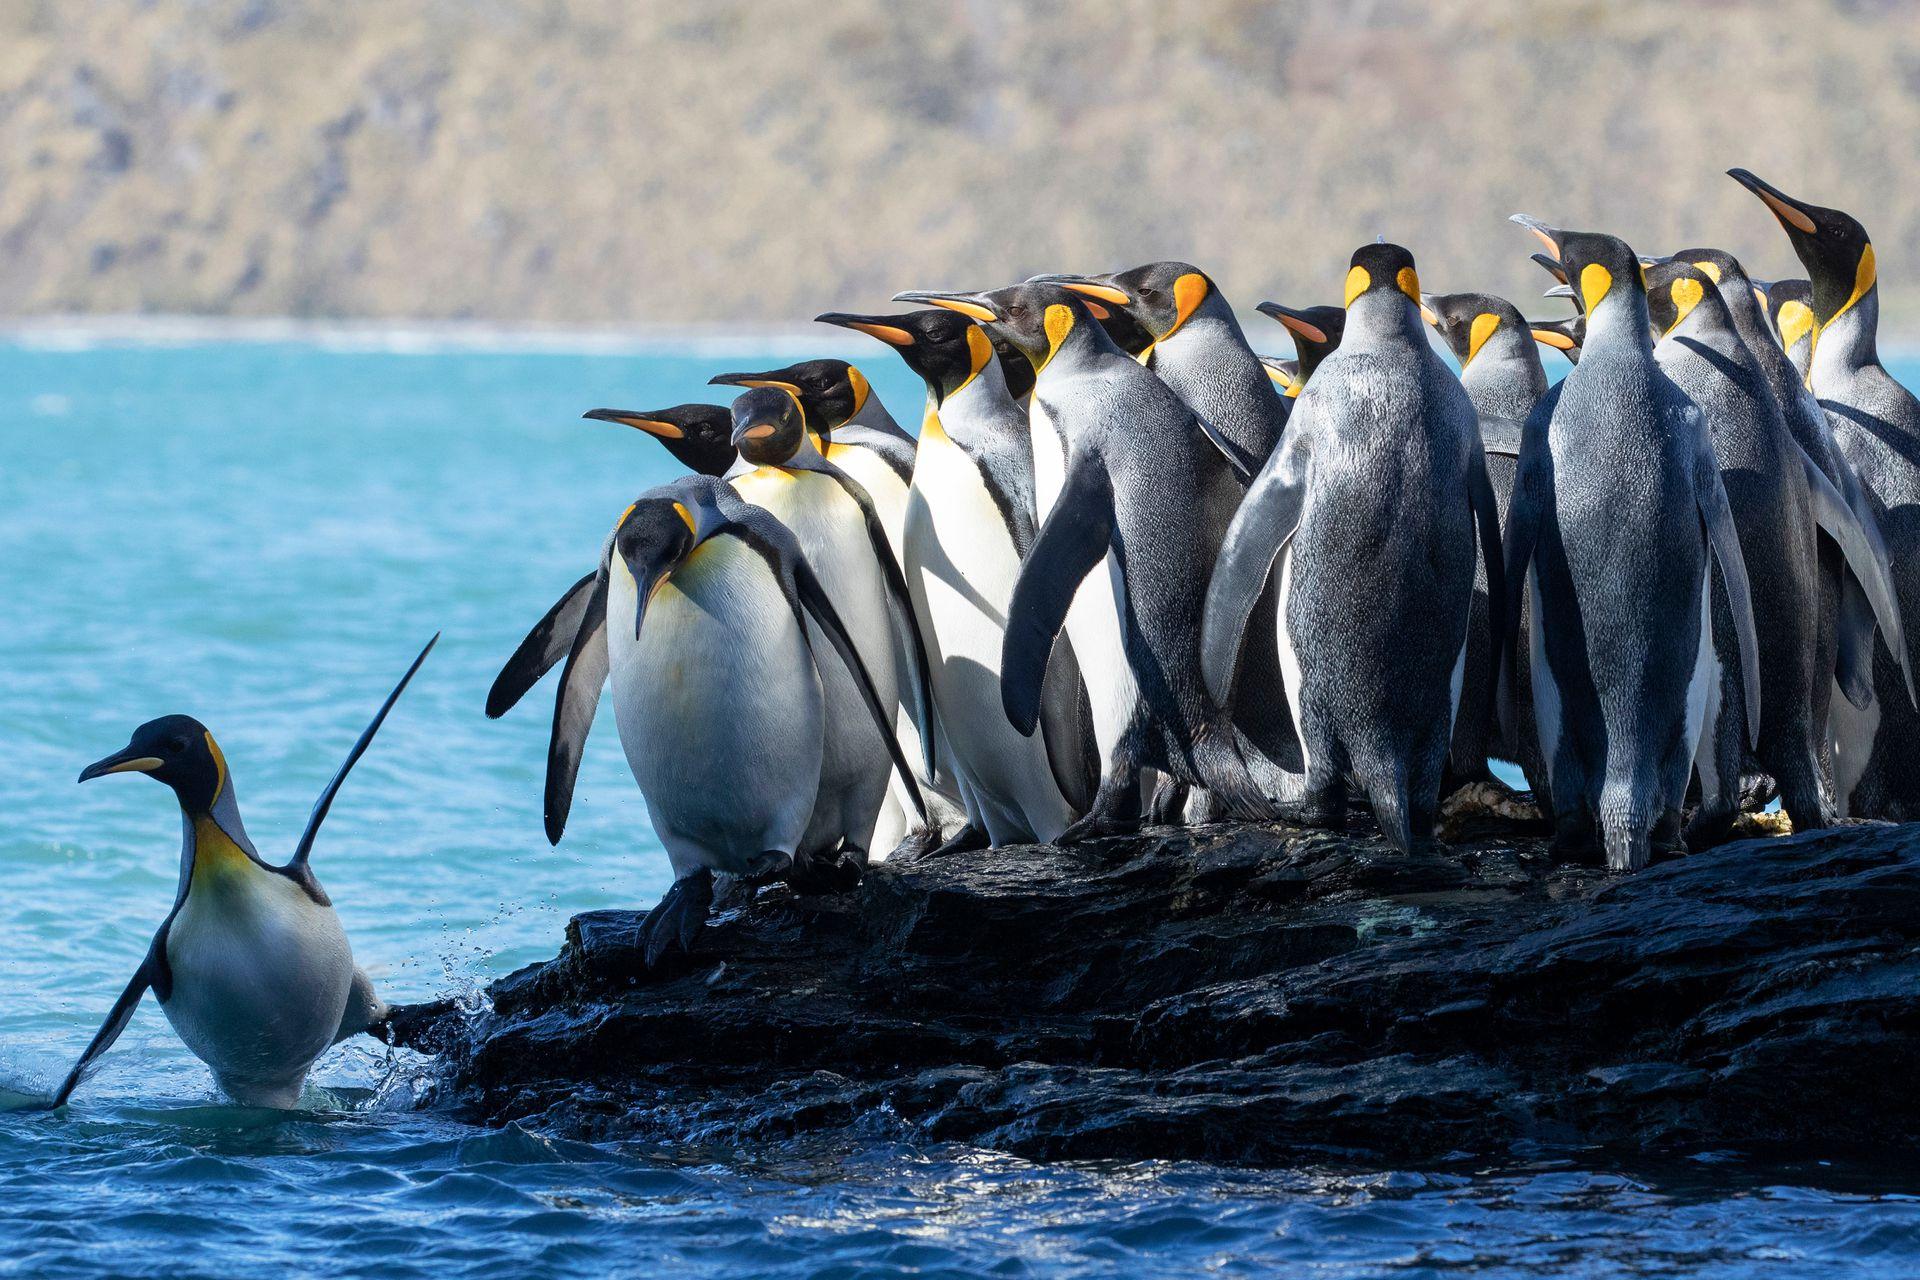 Según el Informe Planeta Vivo, por el cambio climático, una de cada cinco especies se encuentra en peligro de extinción